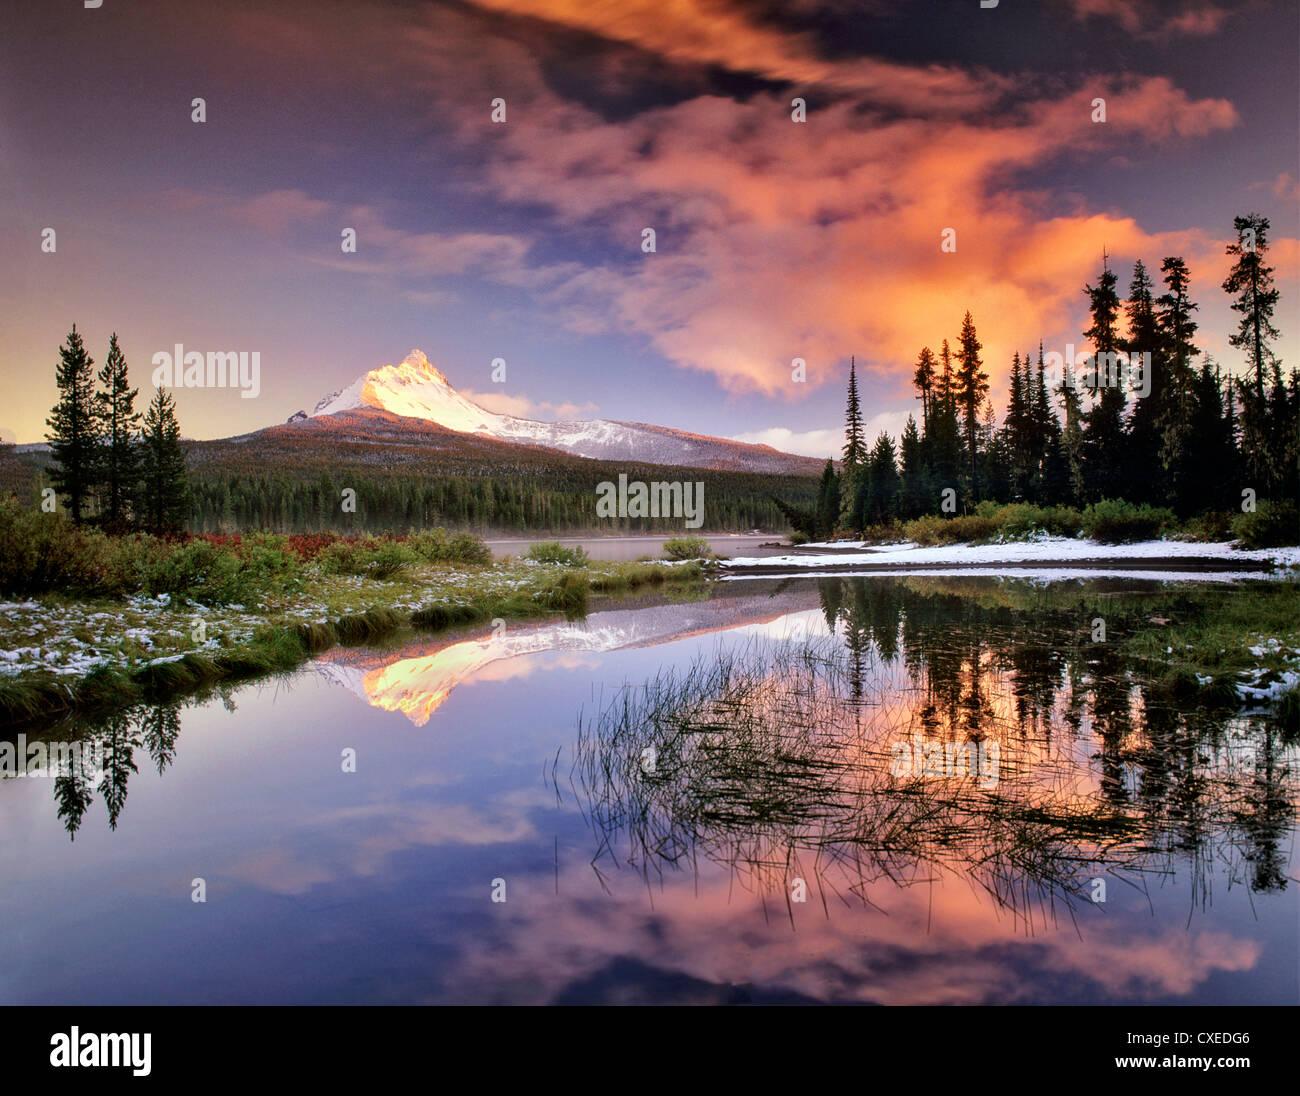 La réflexion du mont Washington en grand lac. De l'Oregon. Photo Stock